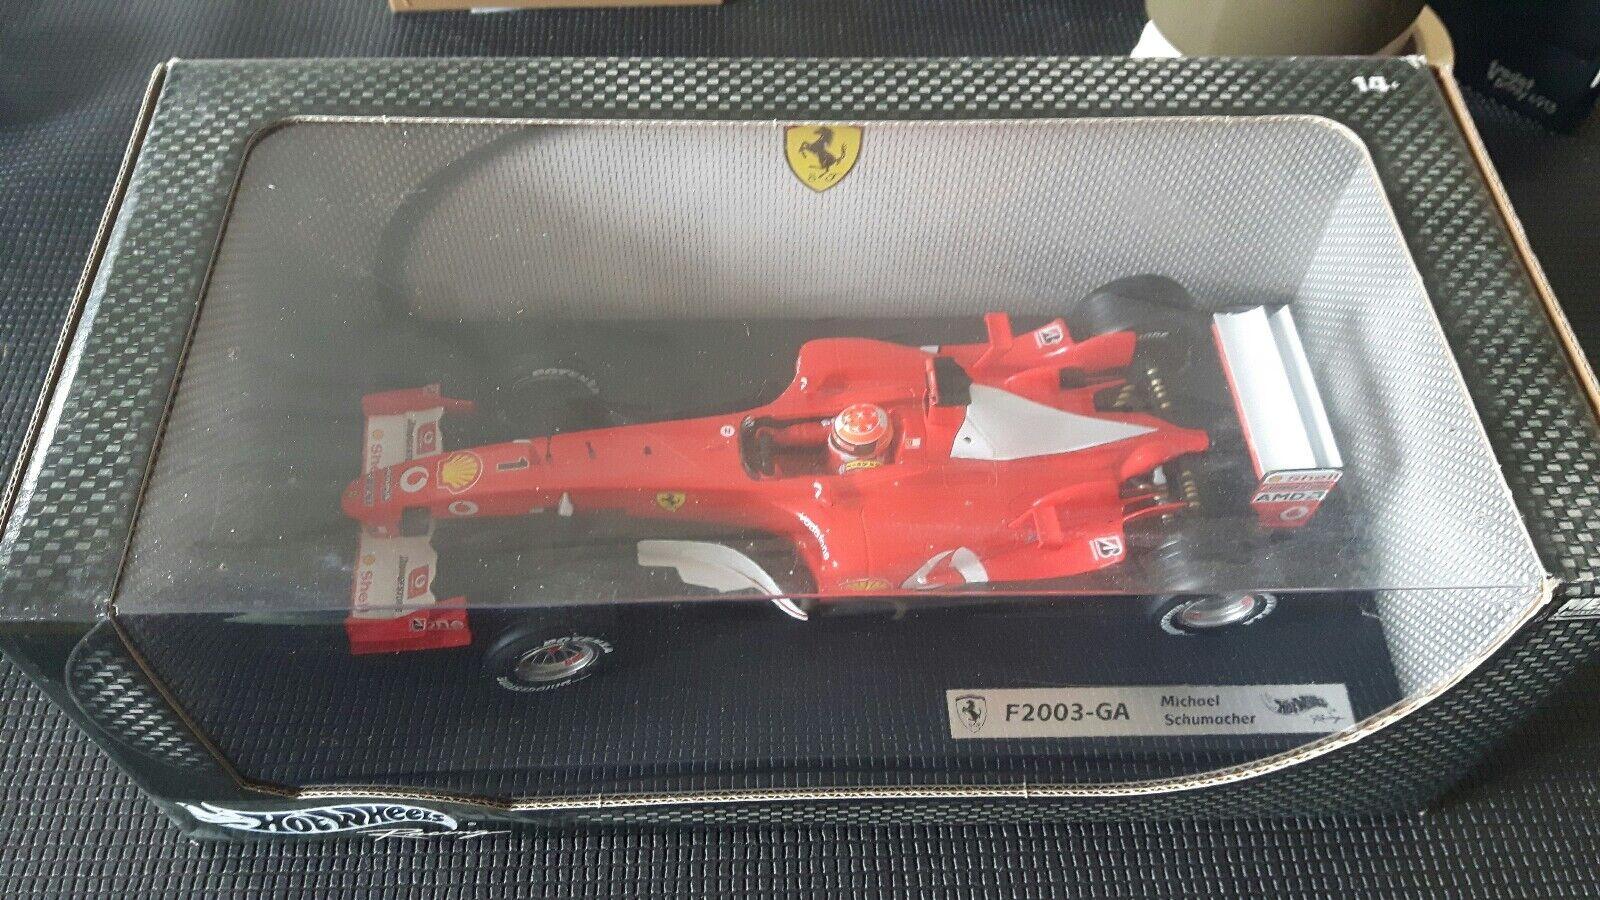 F1 Ferrari F 2003 GA  M. SCHUMACHER  wc 1 18